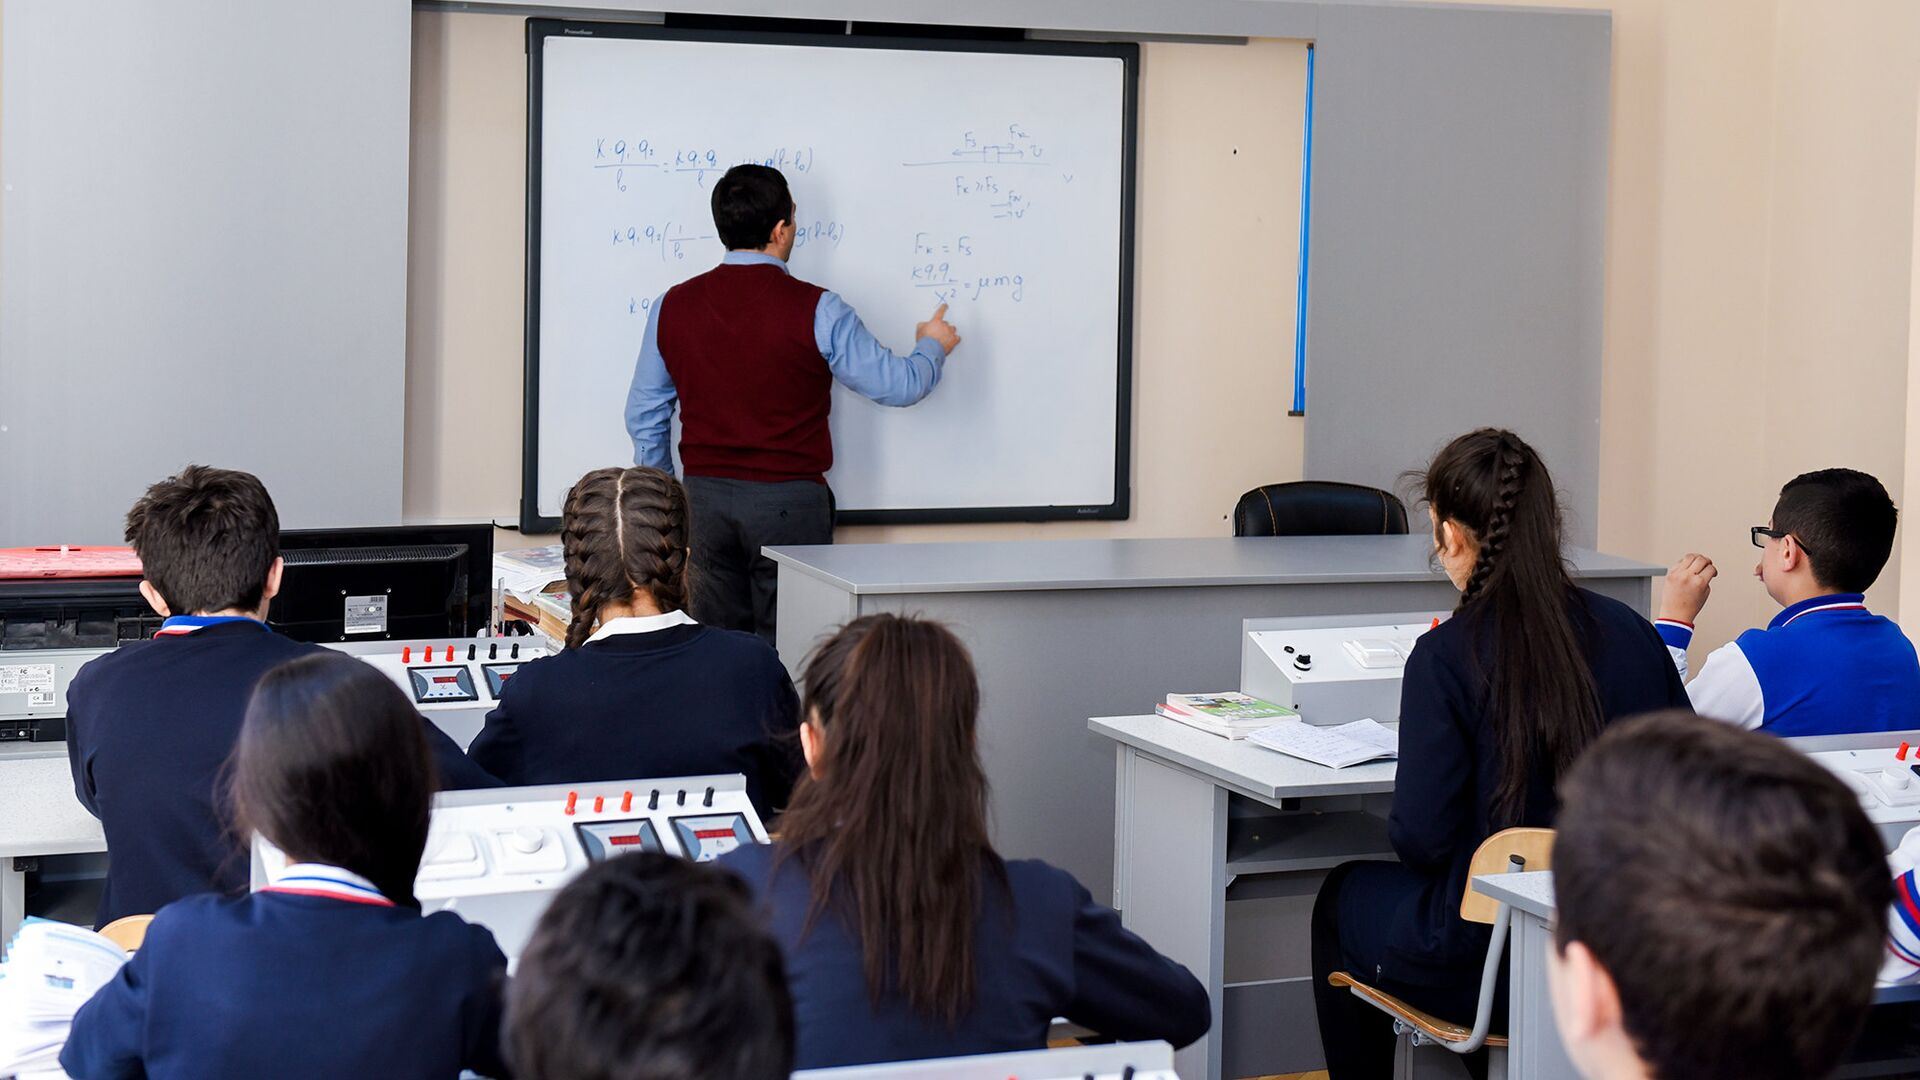 Учебный процесс в одной из средних школ Баку, фото из архива - Sputnik Азербайджан, 1920, 17.09.2021